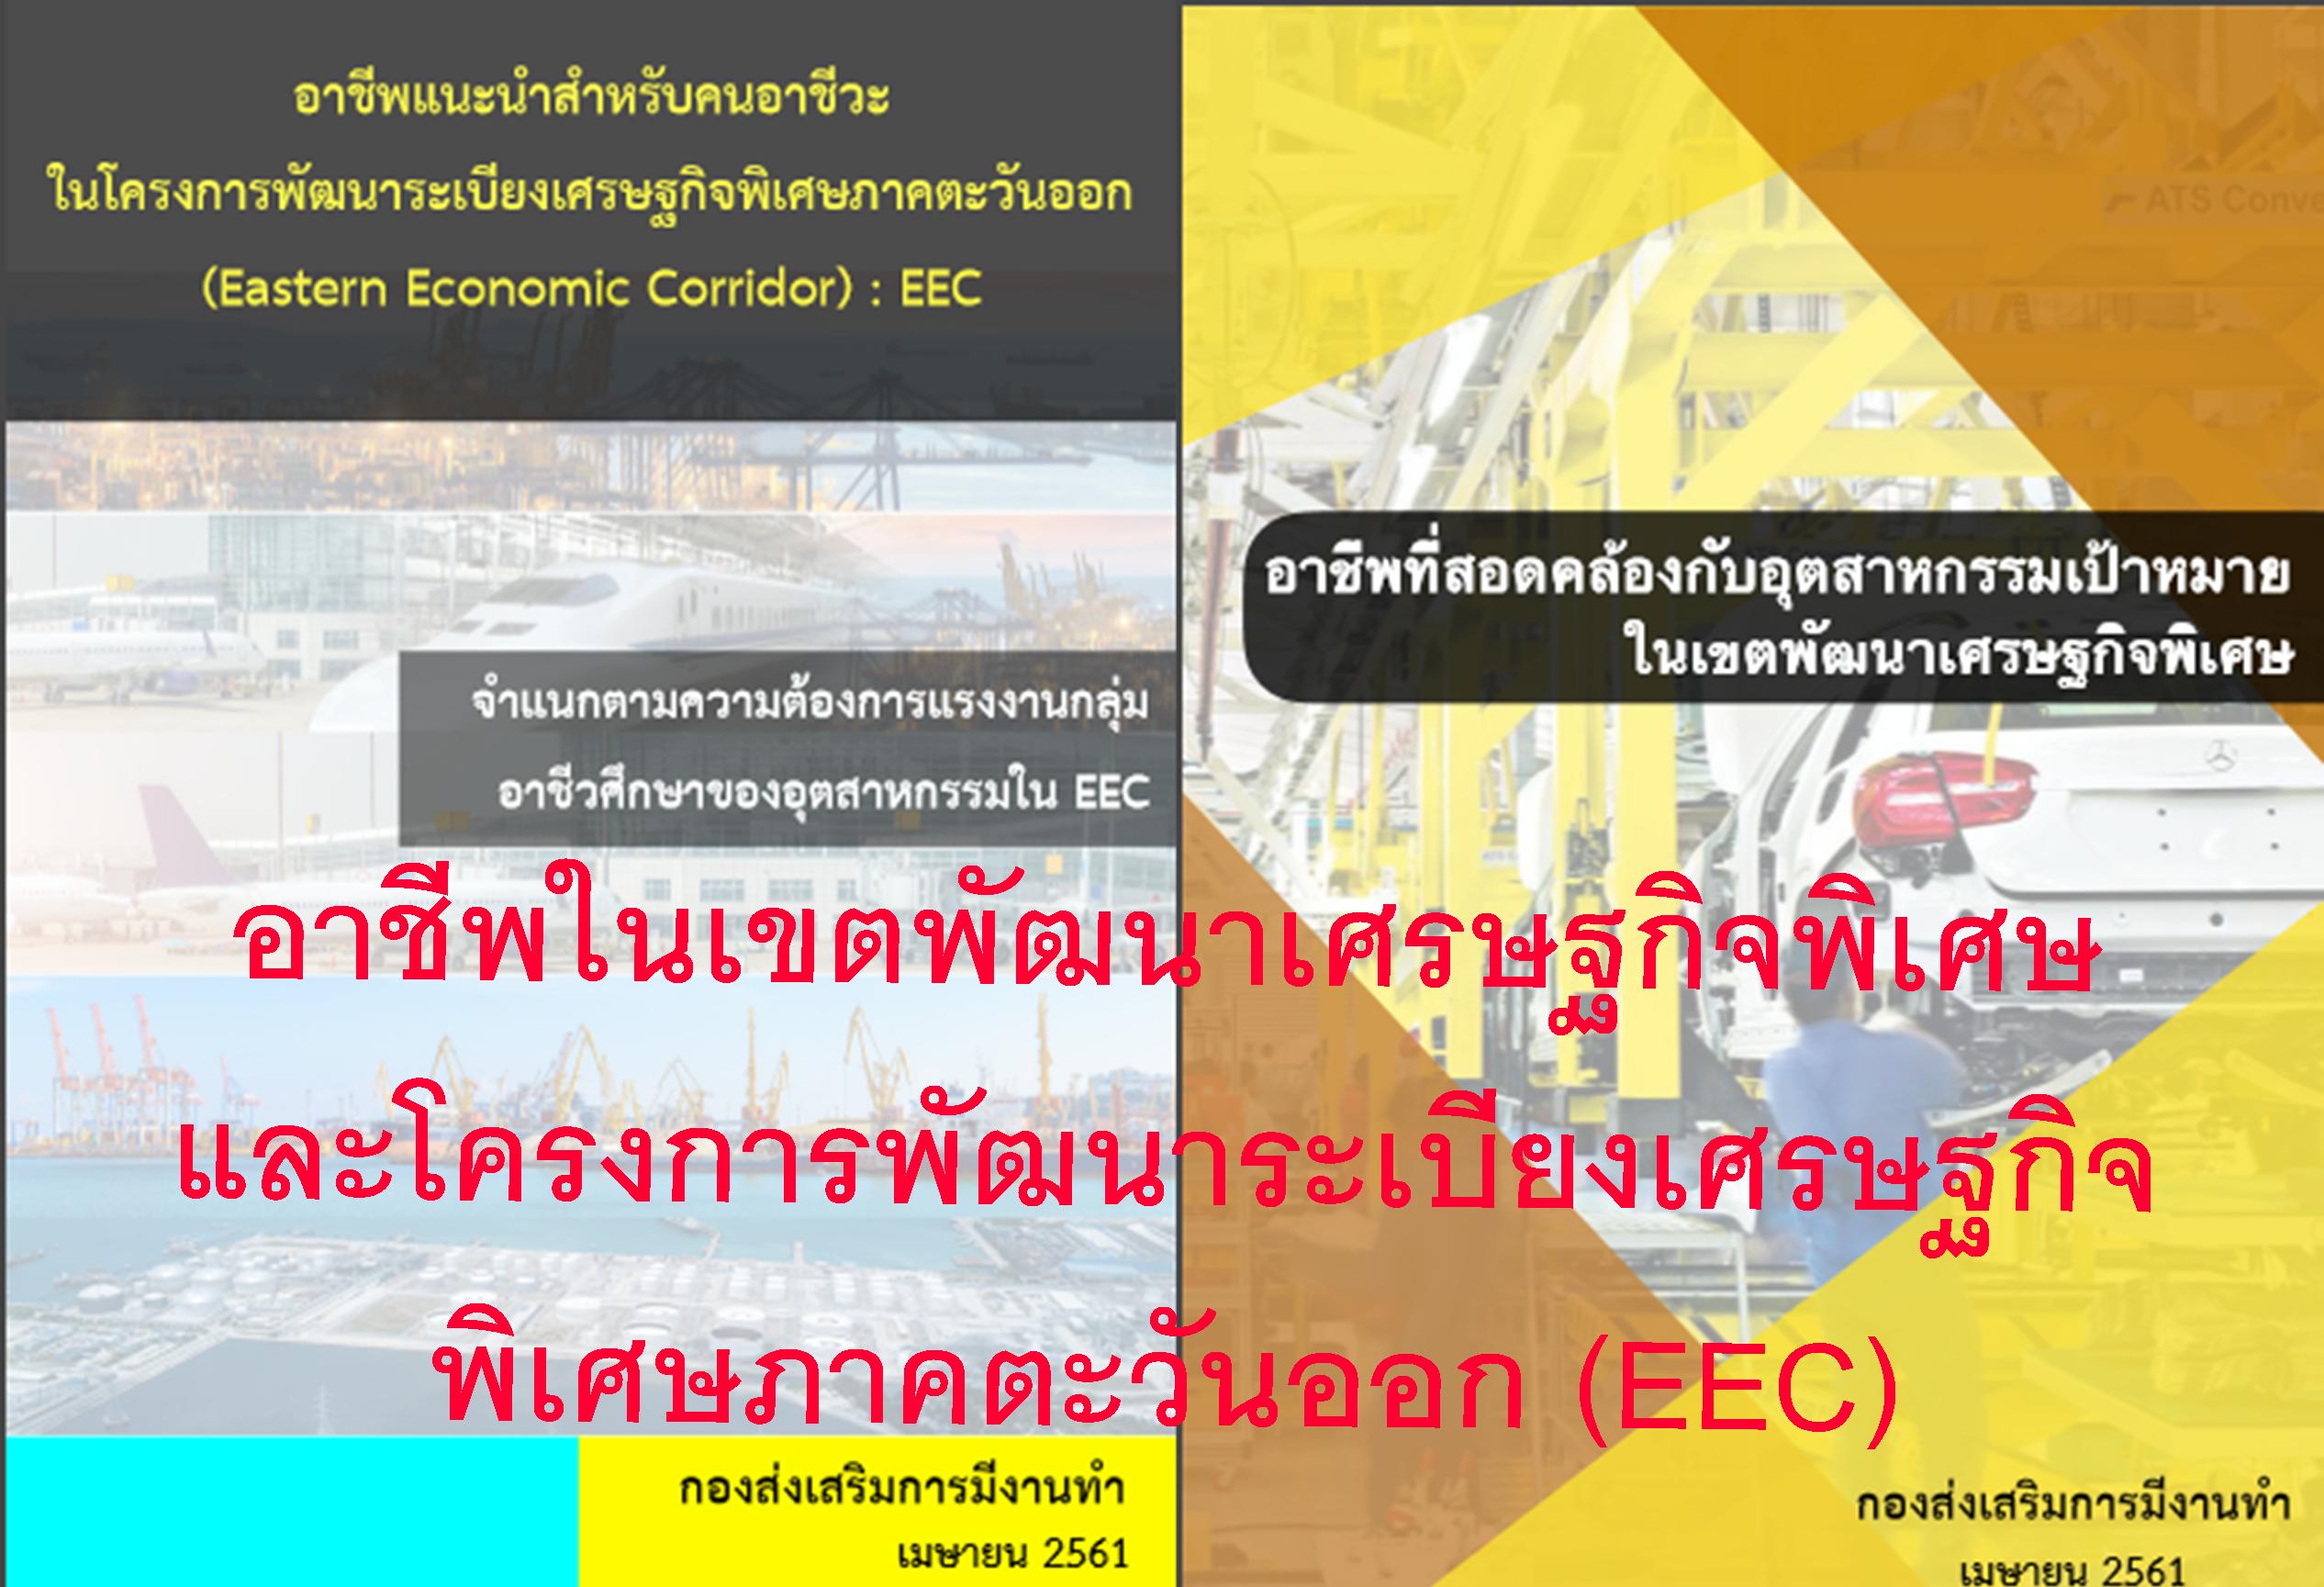 อาชีพที่สอดคล้องกับอุตสาหกรรมเป้าหมายในเขตพัฒนาเศรษฐกิจพิเศษ และอาชีพแนะนำสำหรับคนอาชีวะในโครงการพัฒนาระเบียงเศรษฐกิจพิเศษภาคตะวันออก (EEC)